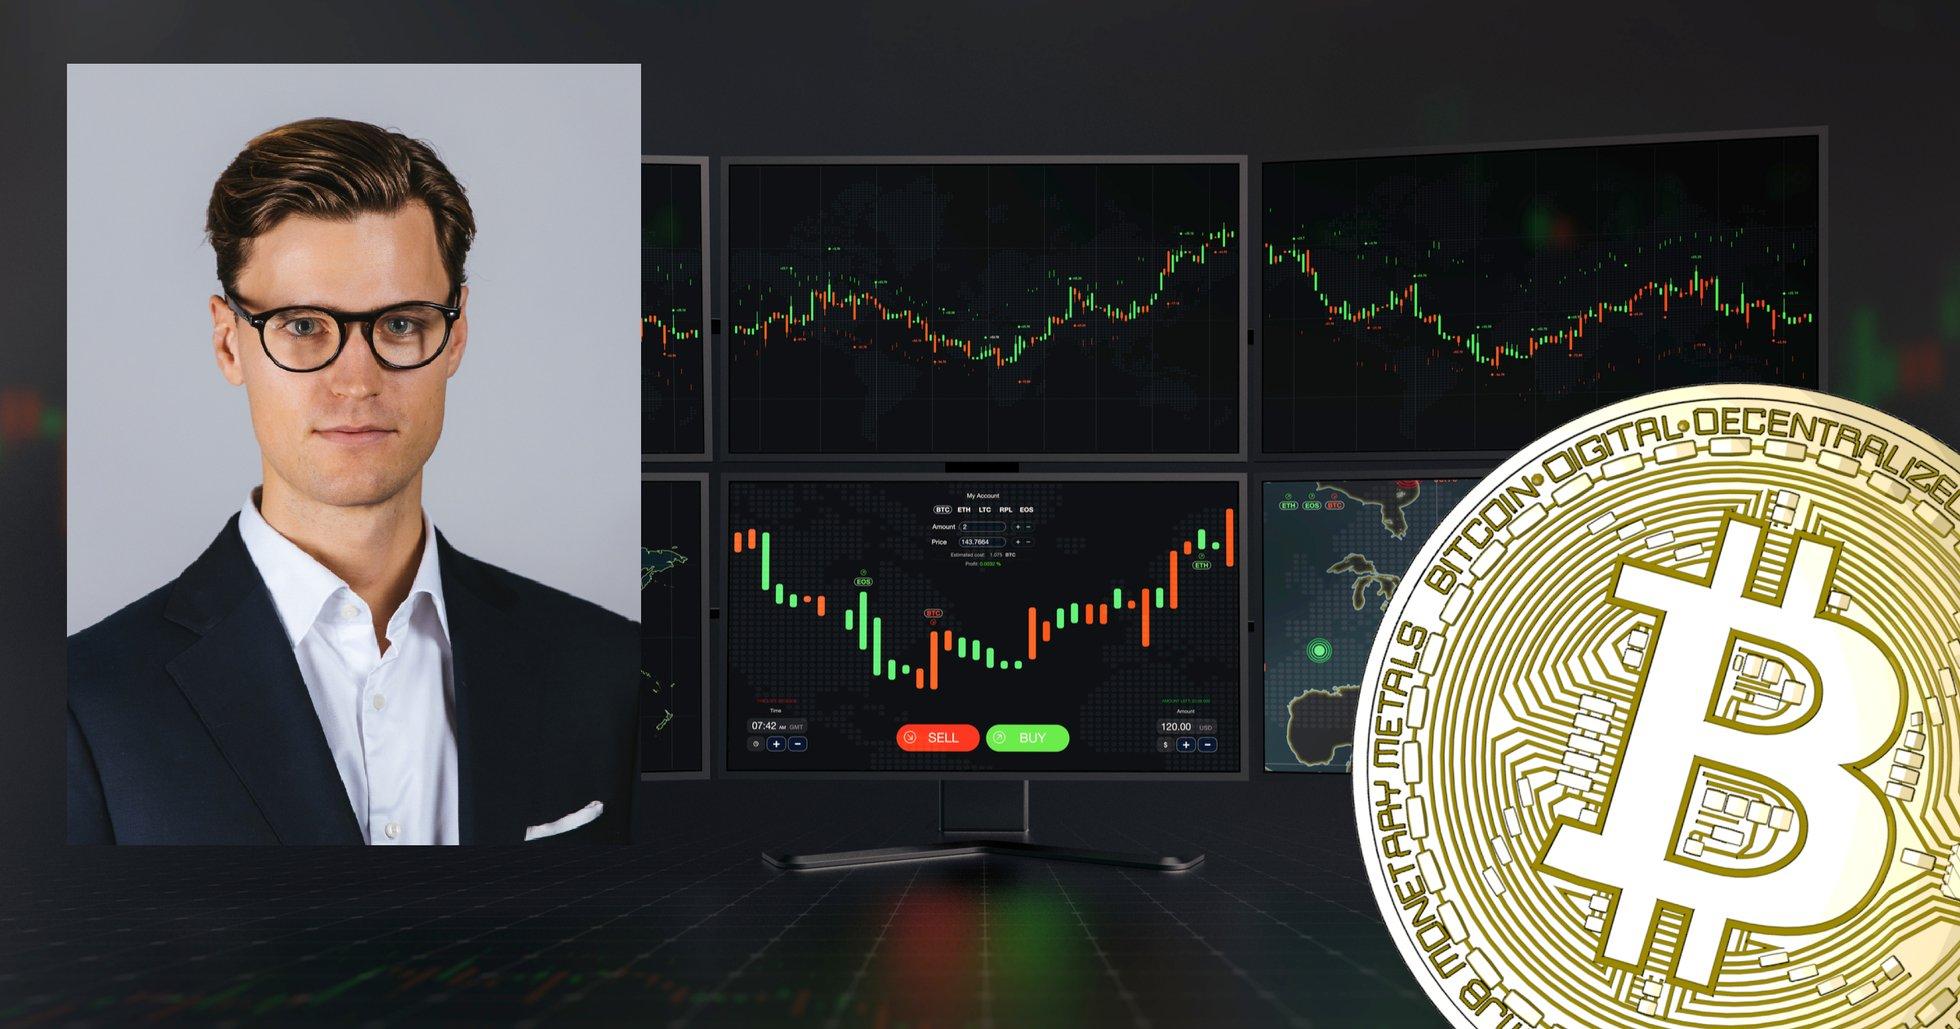 Svenska Vinter Capital vill bli det ledande kryptoindexet för världens börser.